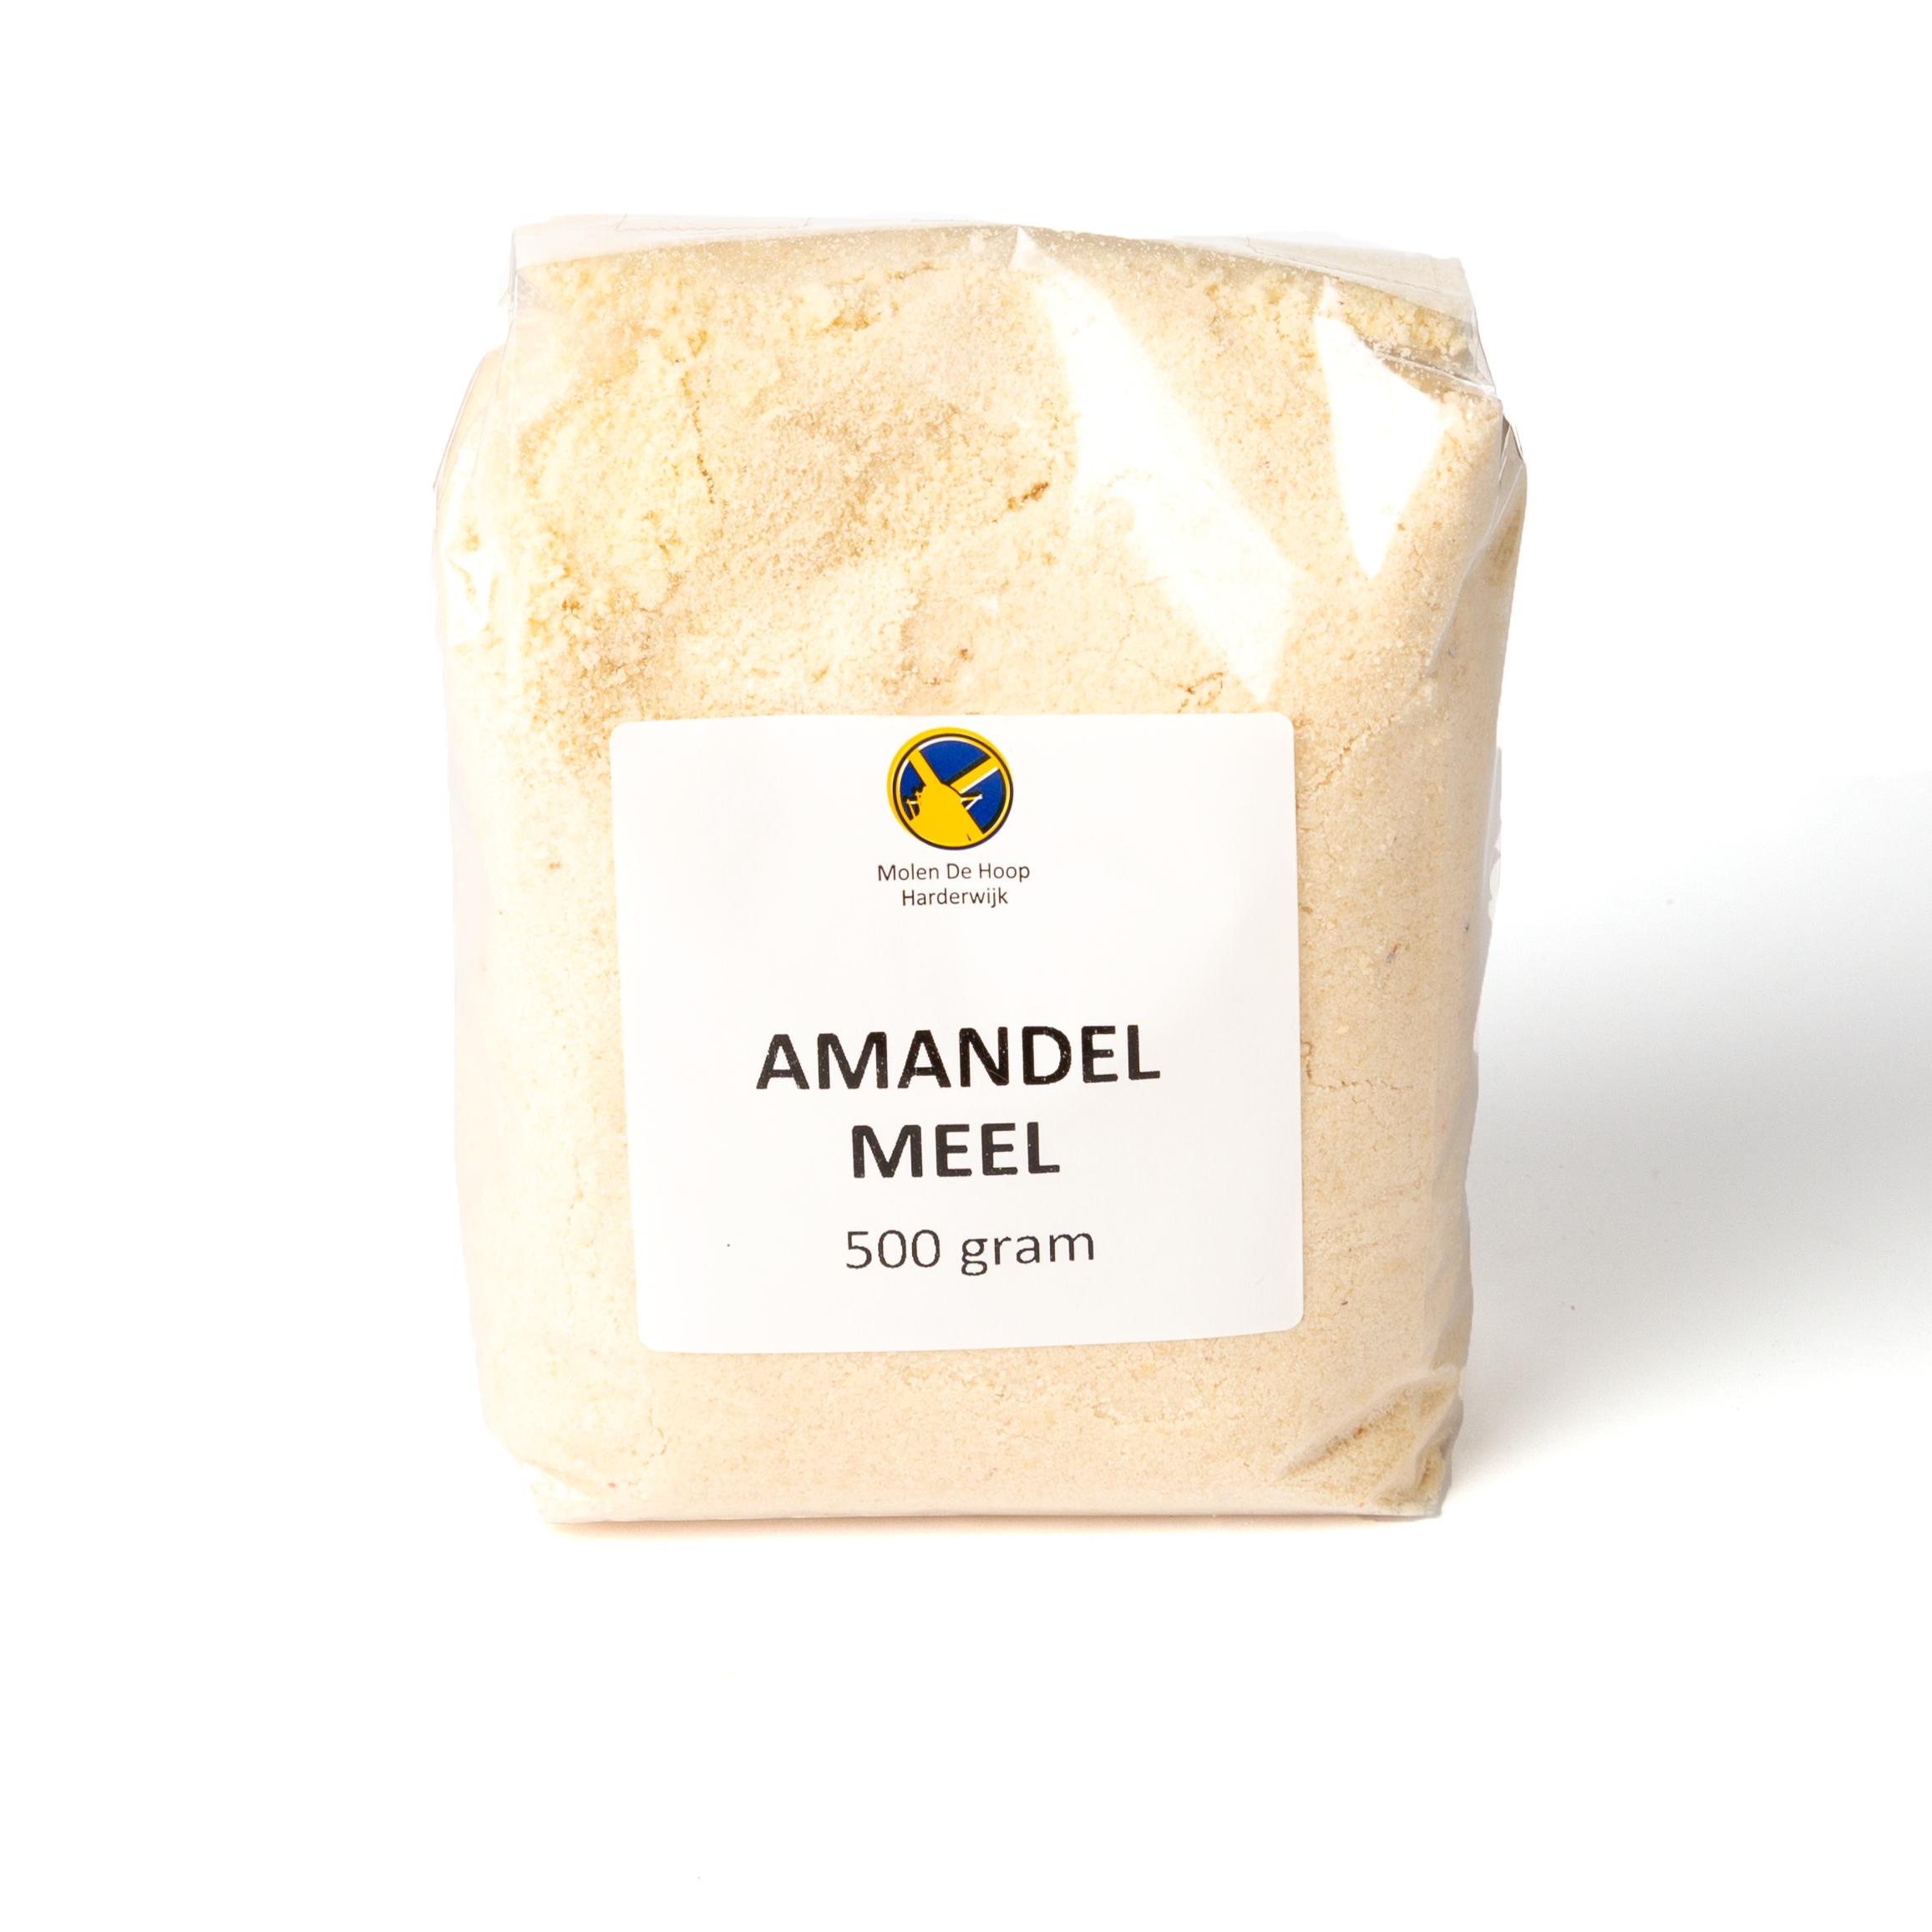 Amandel meel